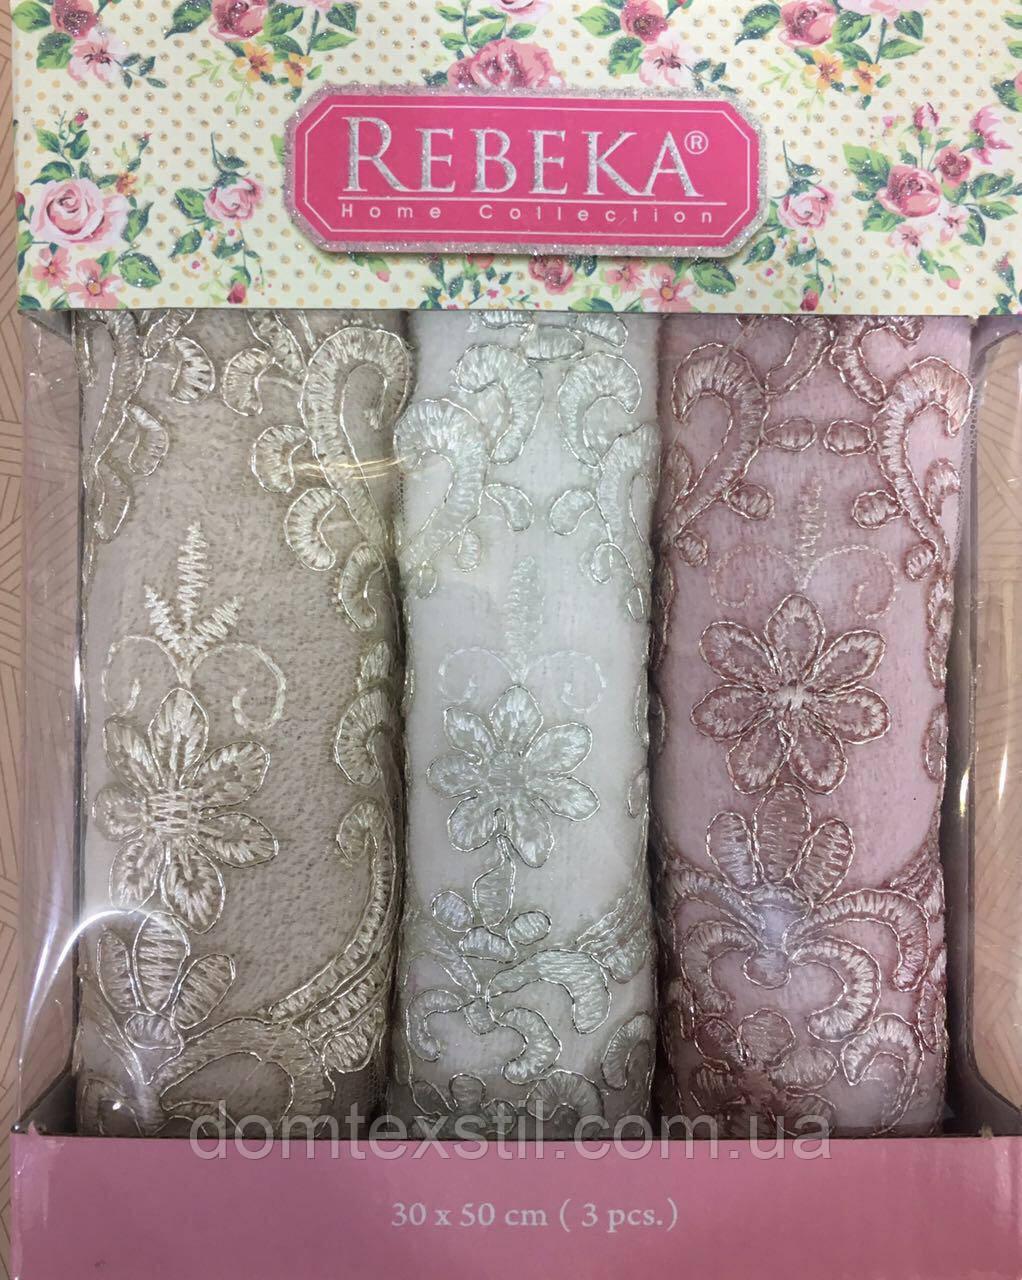 Подарочный набор Rebeka